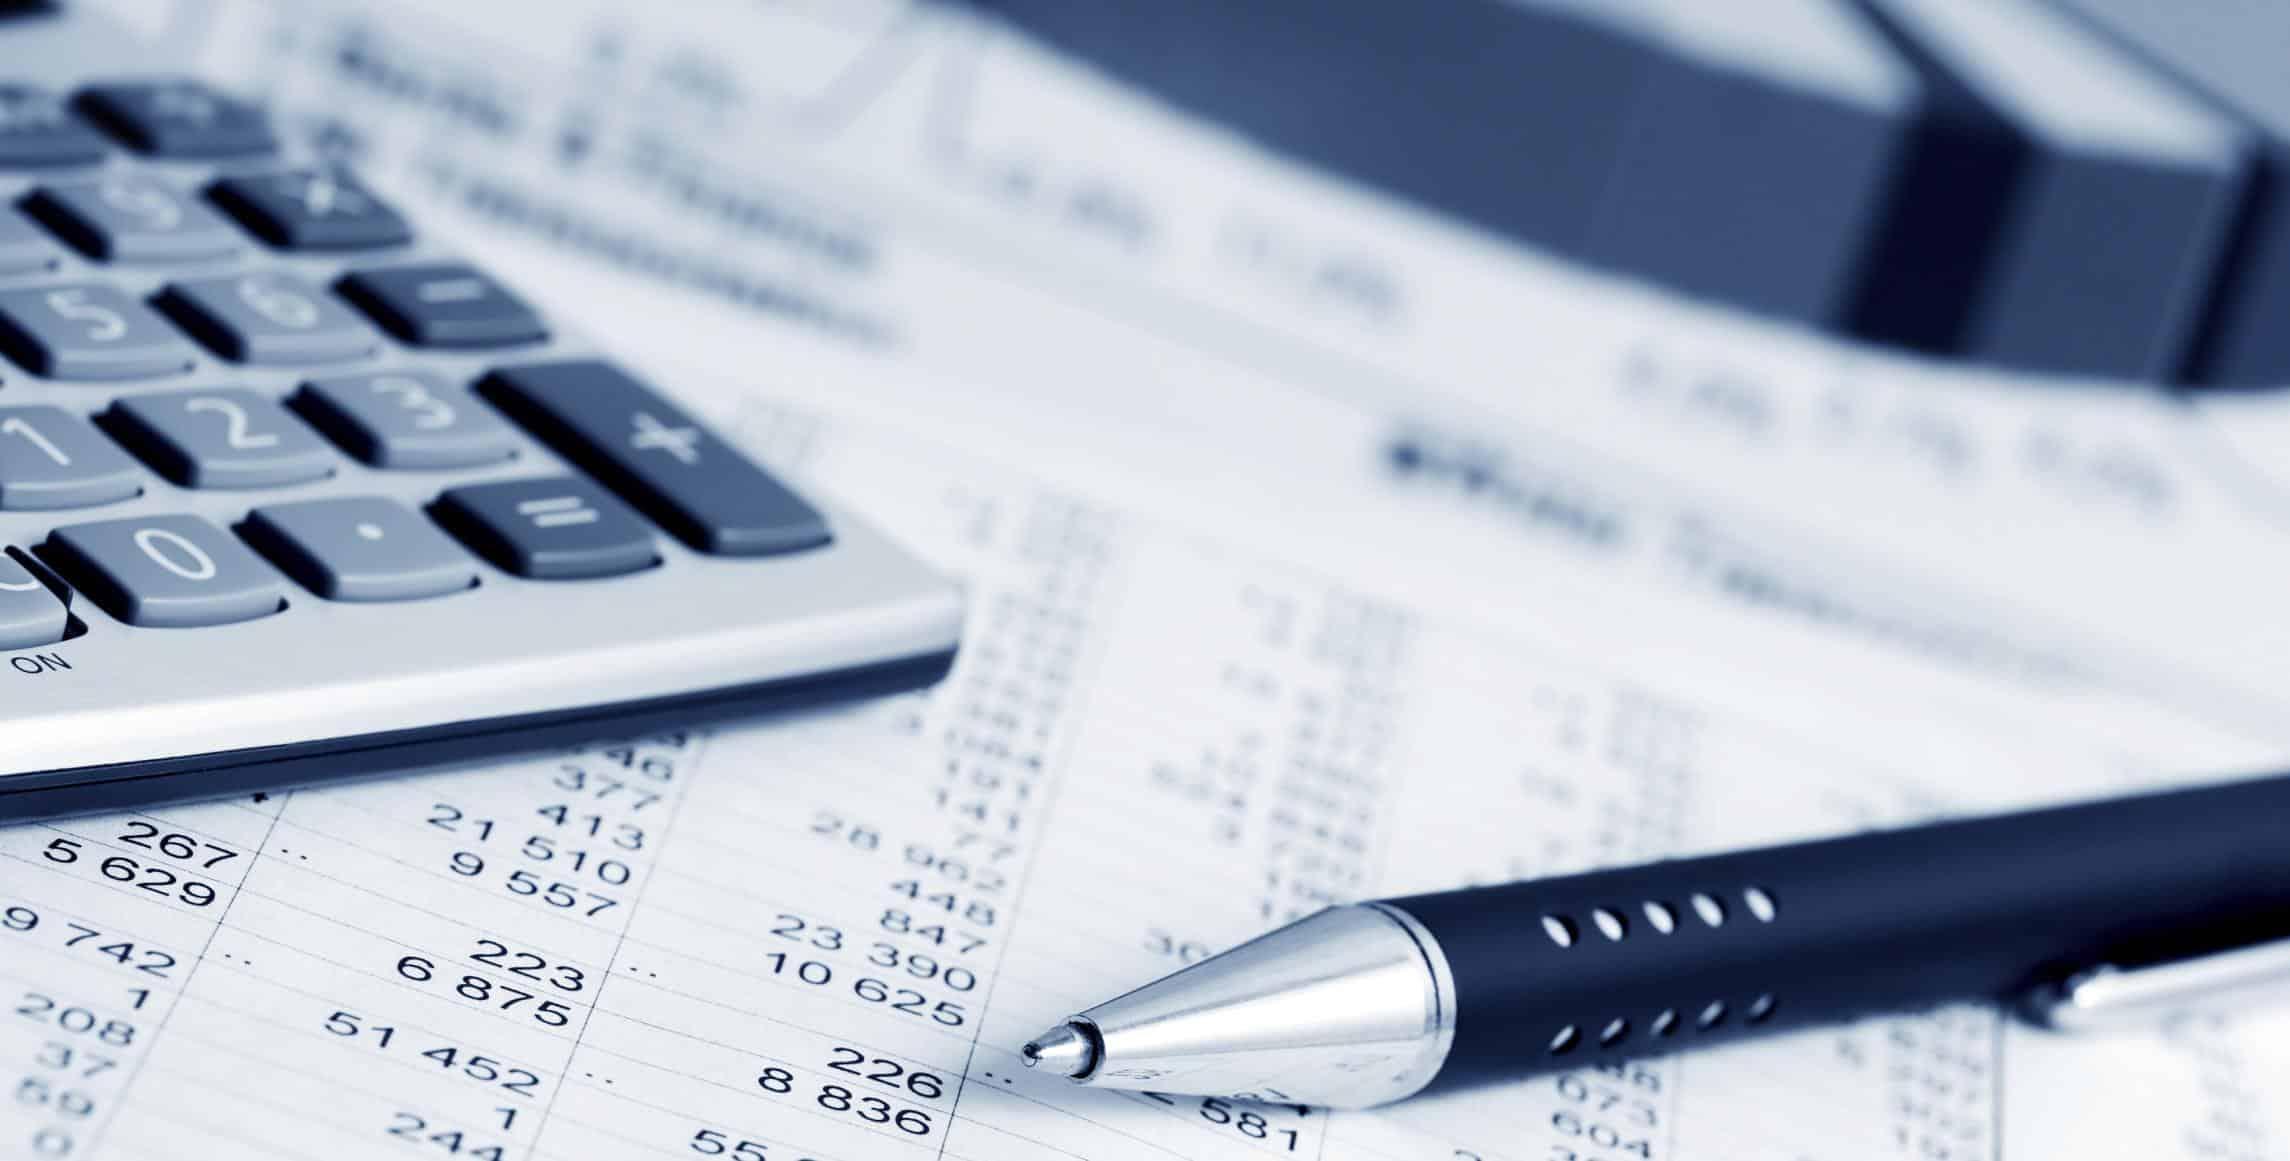 Comptabilité : Un moyen efficace pour la gestion de vos finances